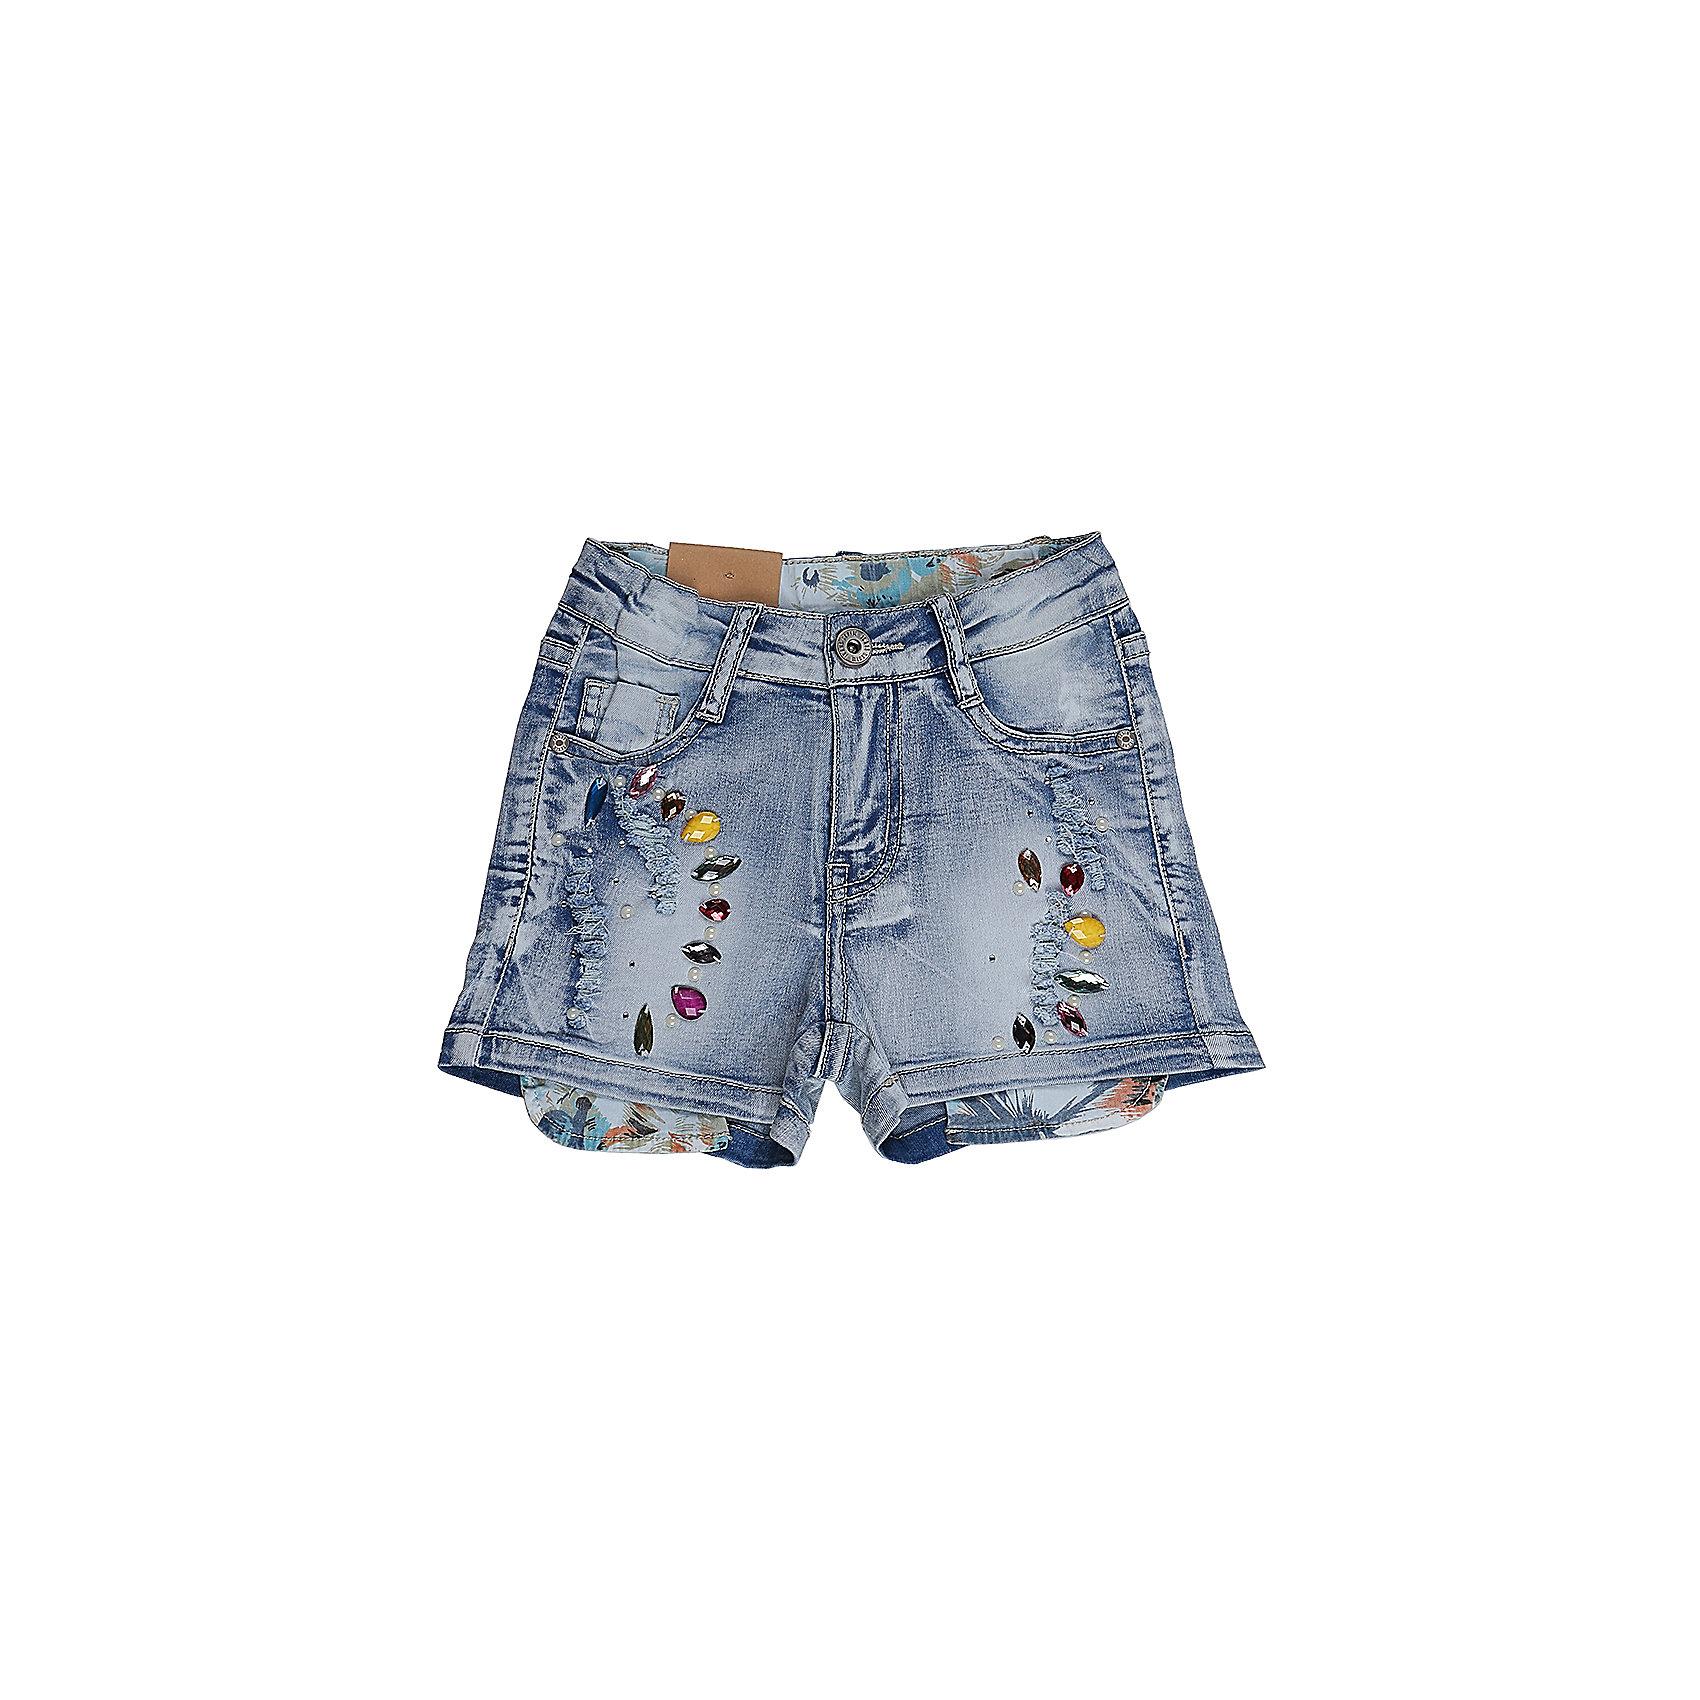 Шорты джинсовые для девочки Sweet BerryДжинсовая одежда<br>Джинсовые шорты для девочки. Декорированы яркой аппликацией и стразами. Застегиваются на молнию и пуговицу.   В боковой части пояса находятся вшитые эластичные ленты, регулирующие посадку по талии.<br>Состав:<br>98%хлопок 2%эластан<br><br>Ширина мм: 191<br>Глубина мм: 10<br>Высота мм: 175<br>Вес г: 273<br>Цвет: синий<br>Возраст от месяцев: 36<br>Возраст до месяцев: 48<br>Пол: Женский<br>Возраст: Детский<br>Размер: 104,98,110,116,122,128<br>SKU: 5412300